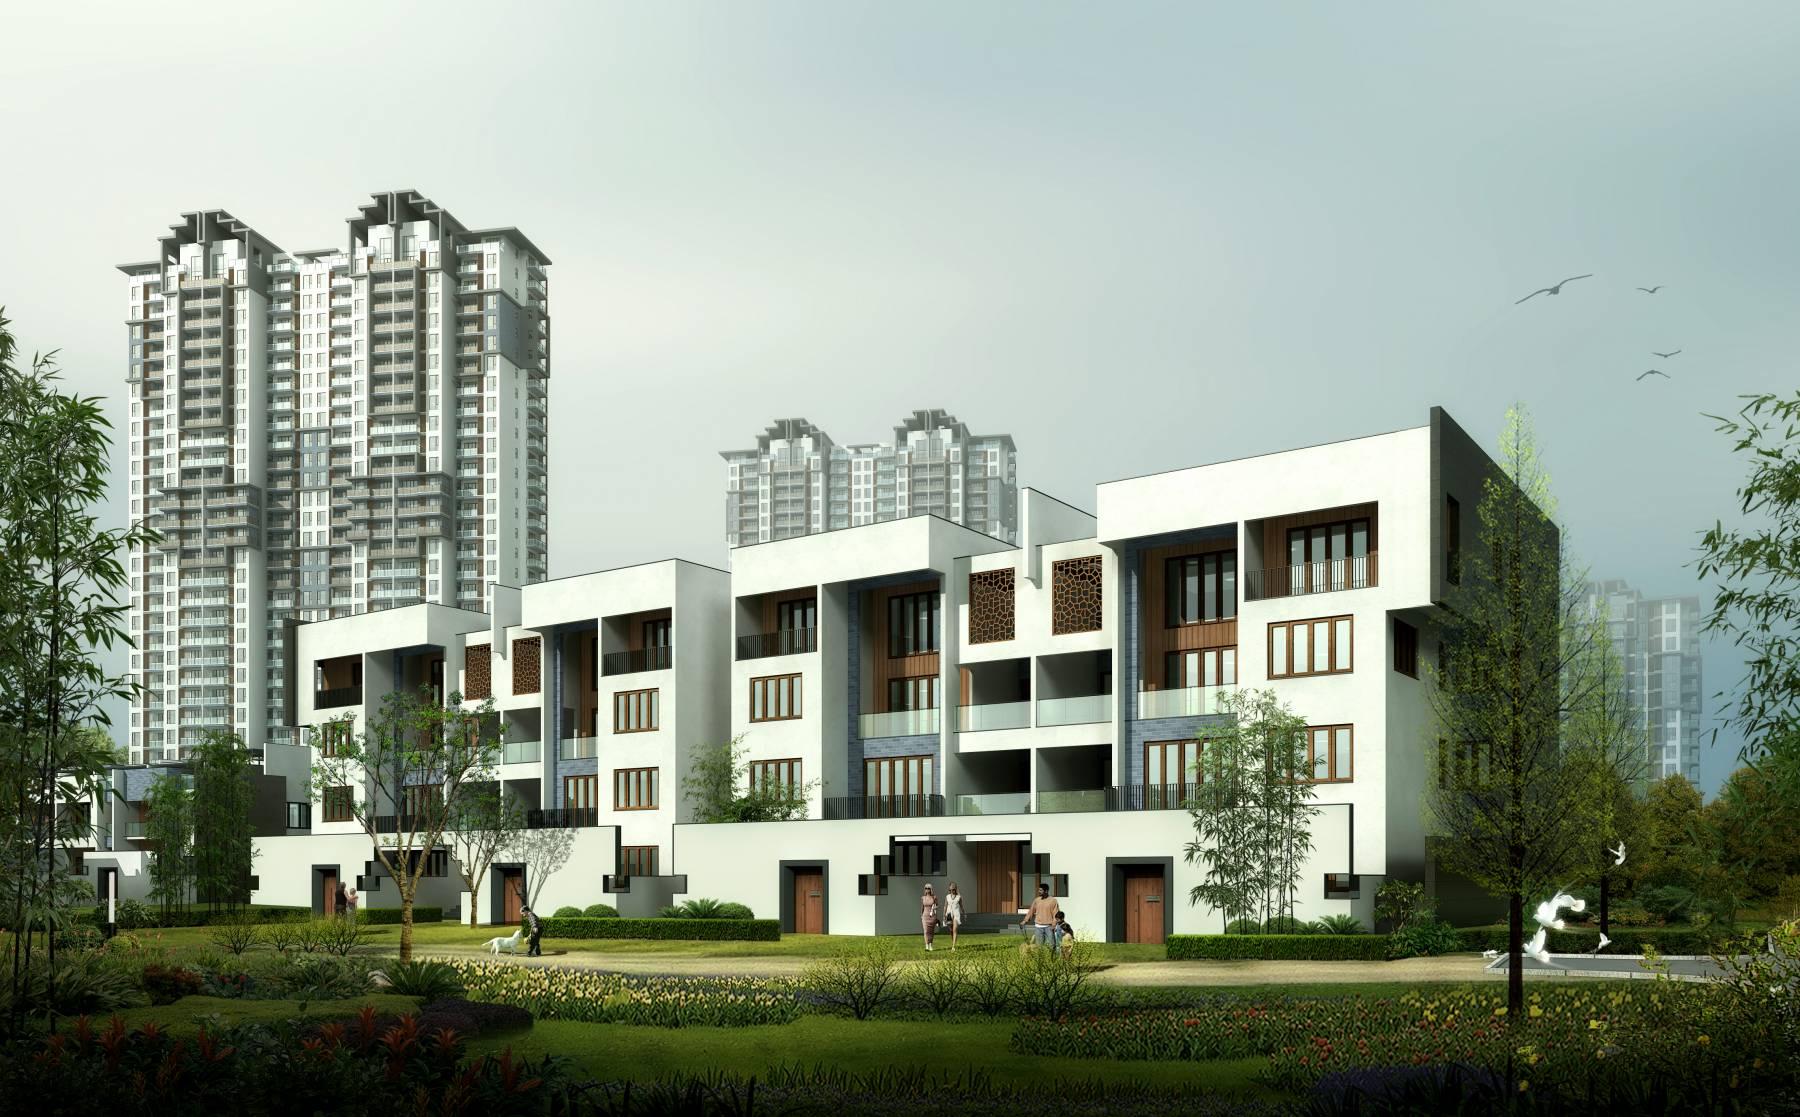 新中式住宅小区